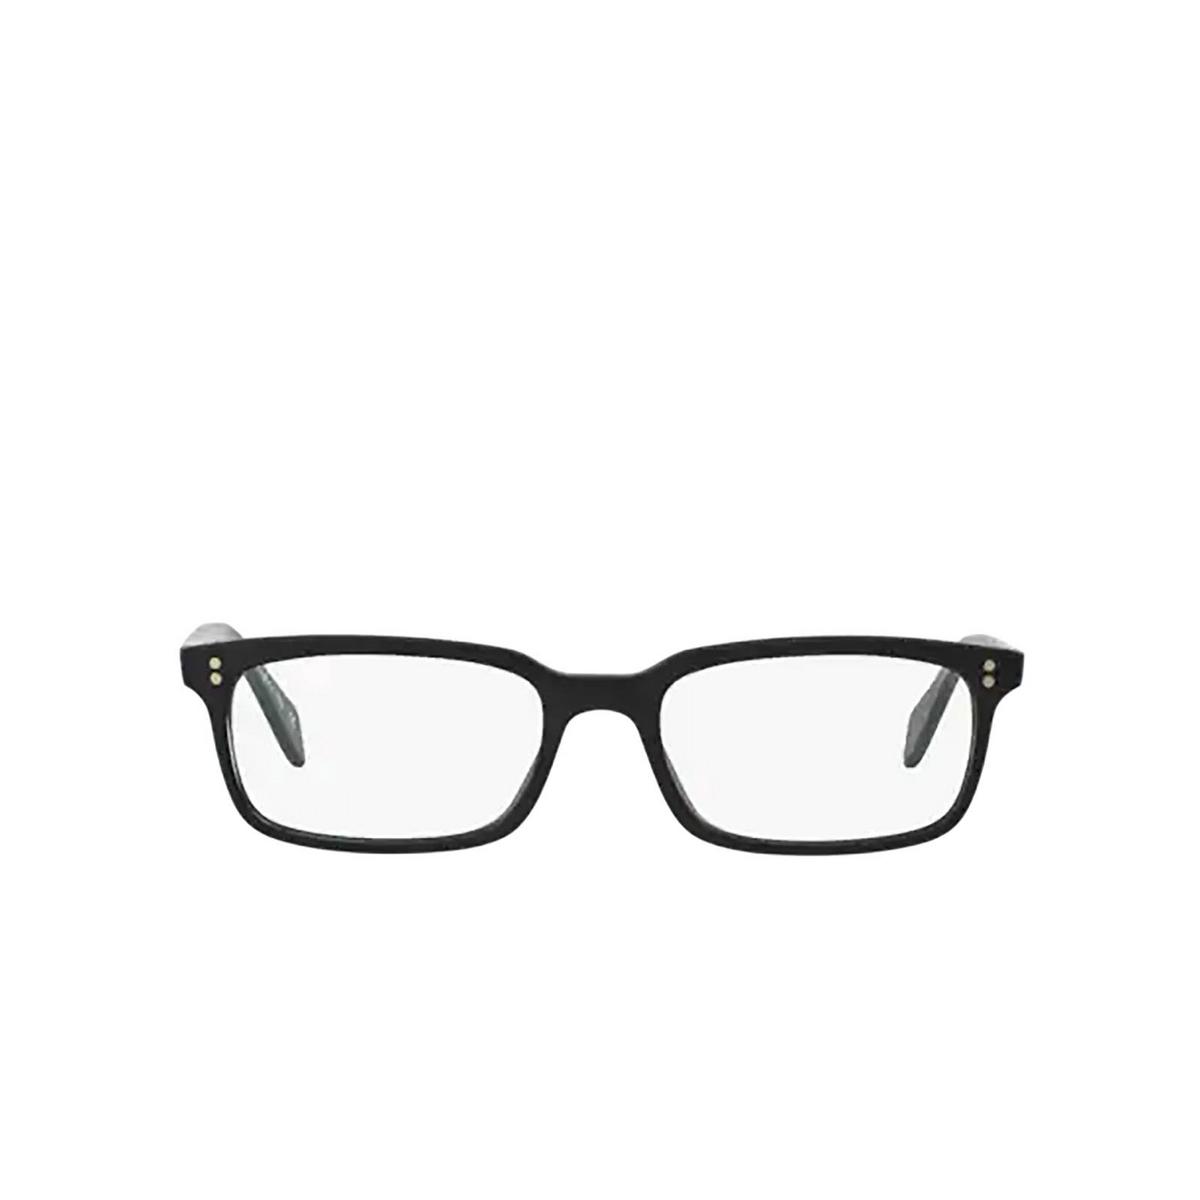 Oliver Peoples® Rectangle Eyeglasses: Denison OV5102 color Matte Black 1031 - front view.